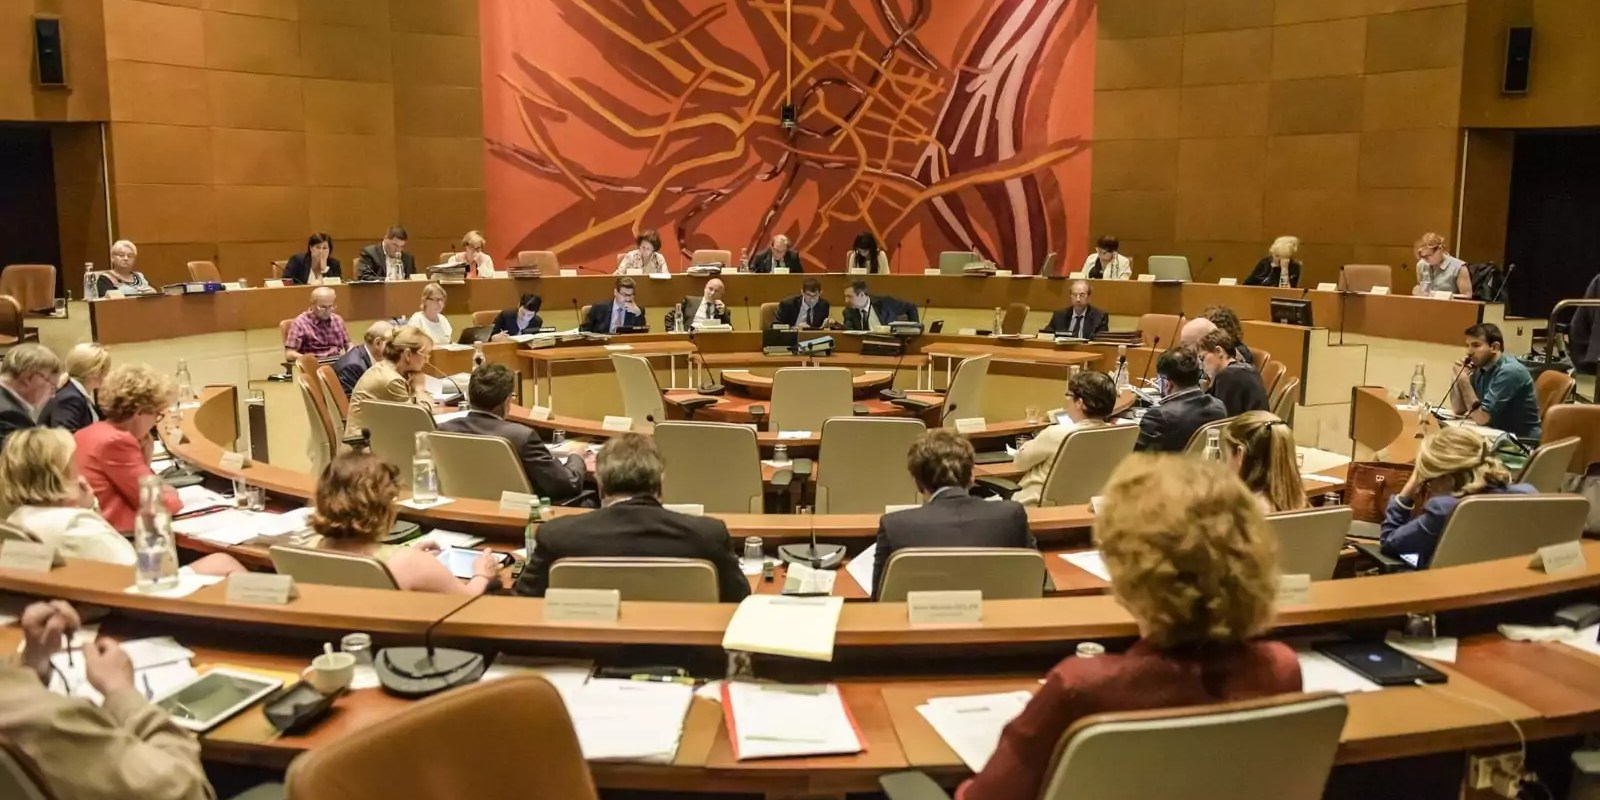 Non, les élus de Strasbourg n'ont pas augmenté leurs indemnités de 25%